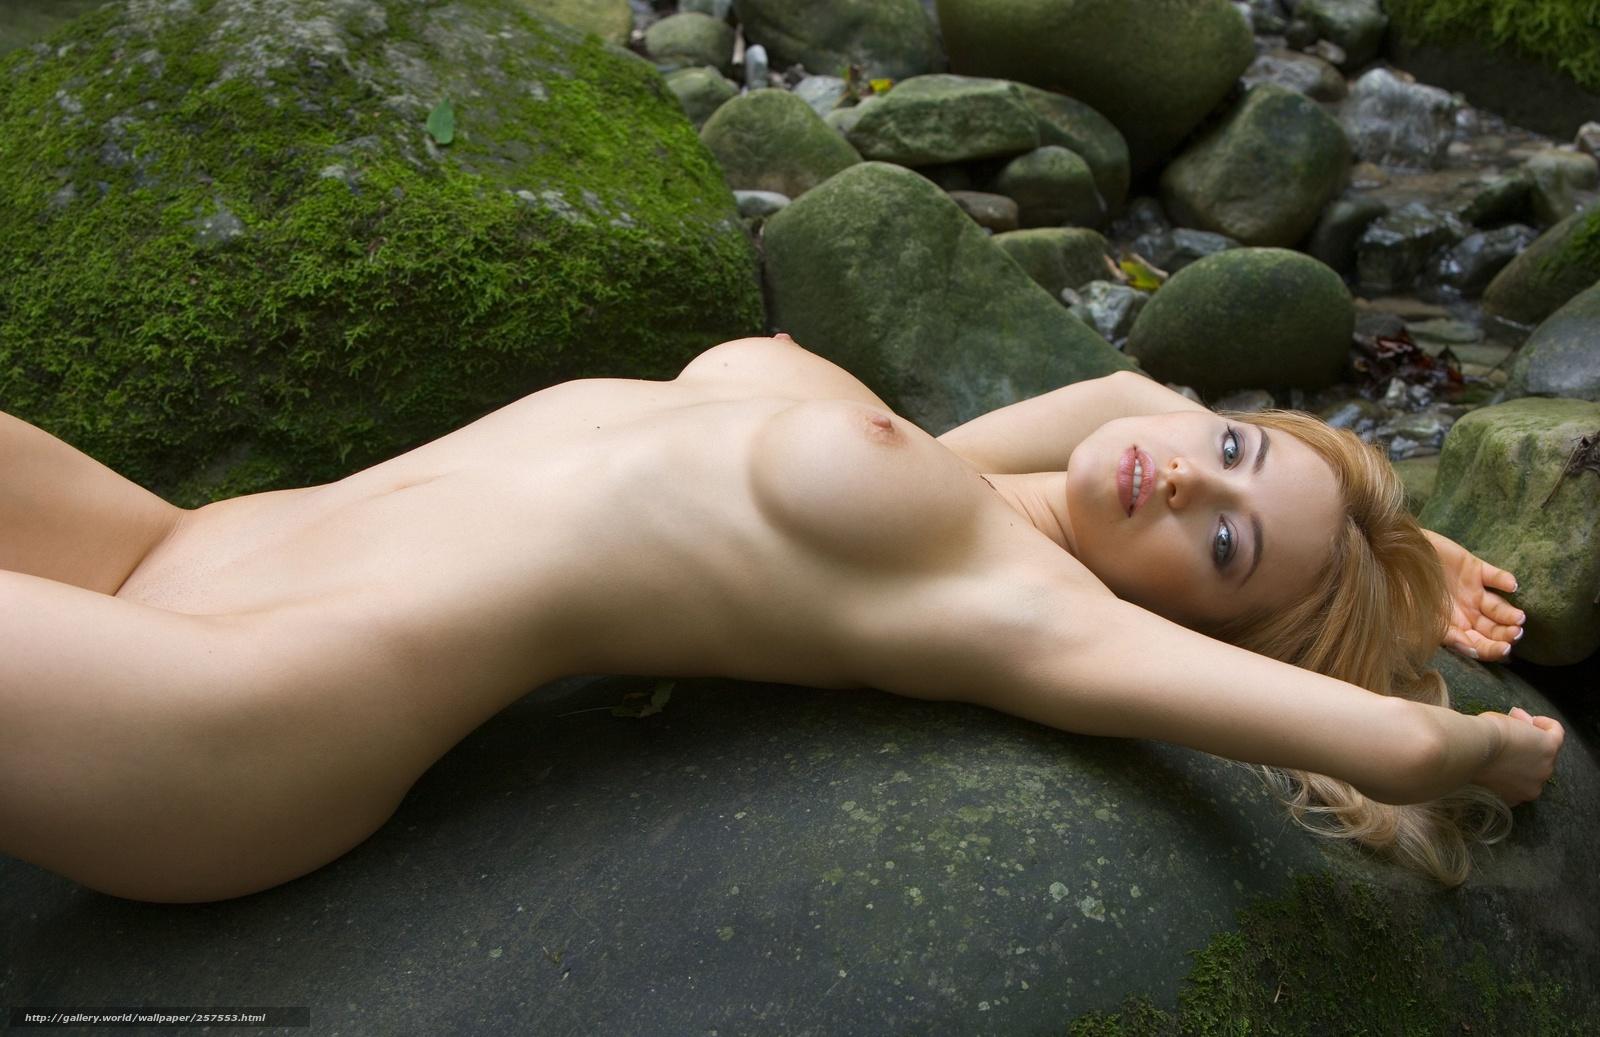 Смотреть фотки большие голые пухлые женщины под водопадом бесплатно 12 фотография